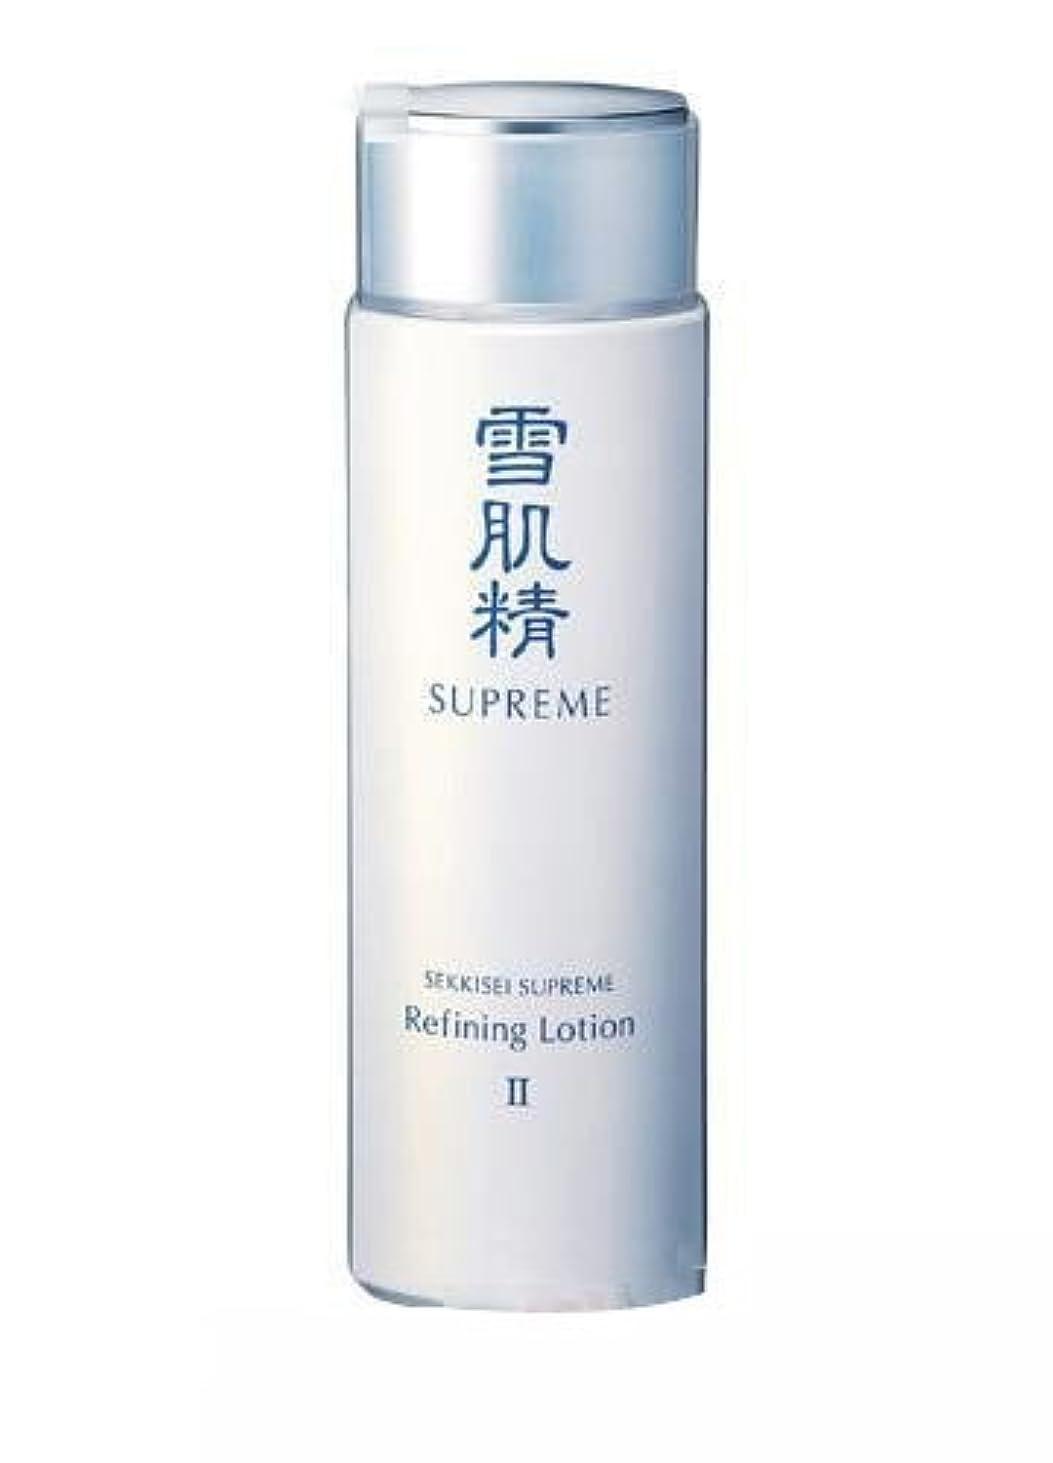 対応する血色の良いむしゃむしゃコーセー 雪肌精 シュープレム 化粧水 ※230mL II